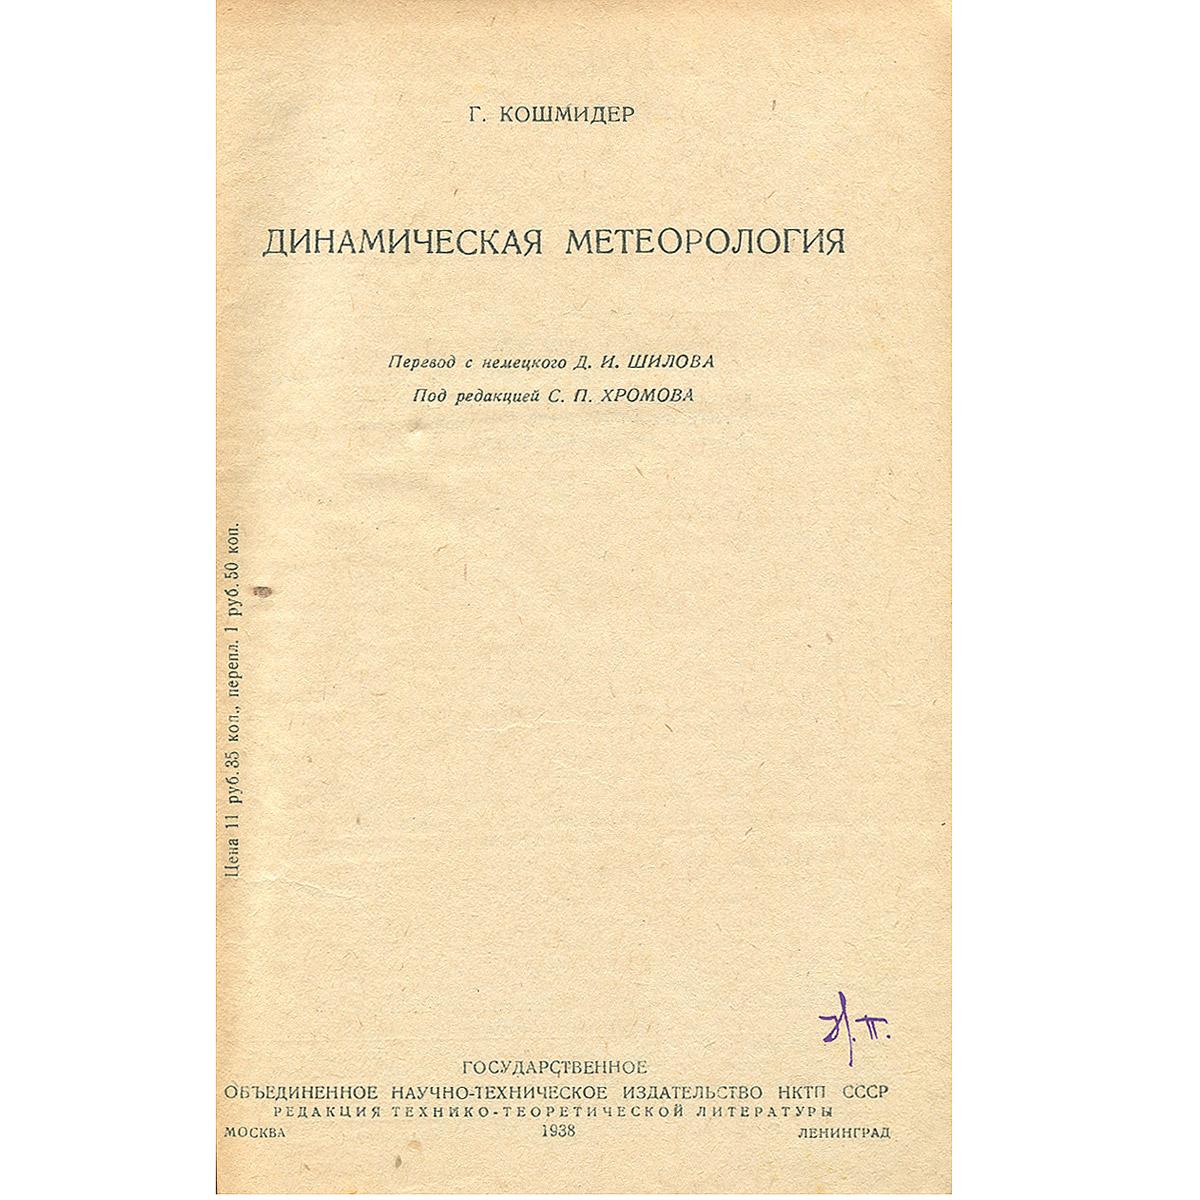 Динамическая метеорология